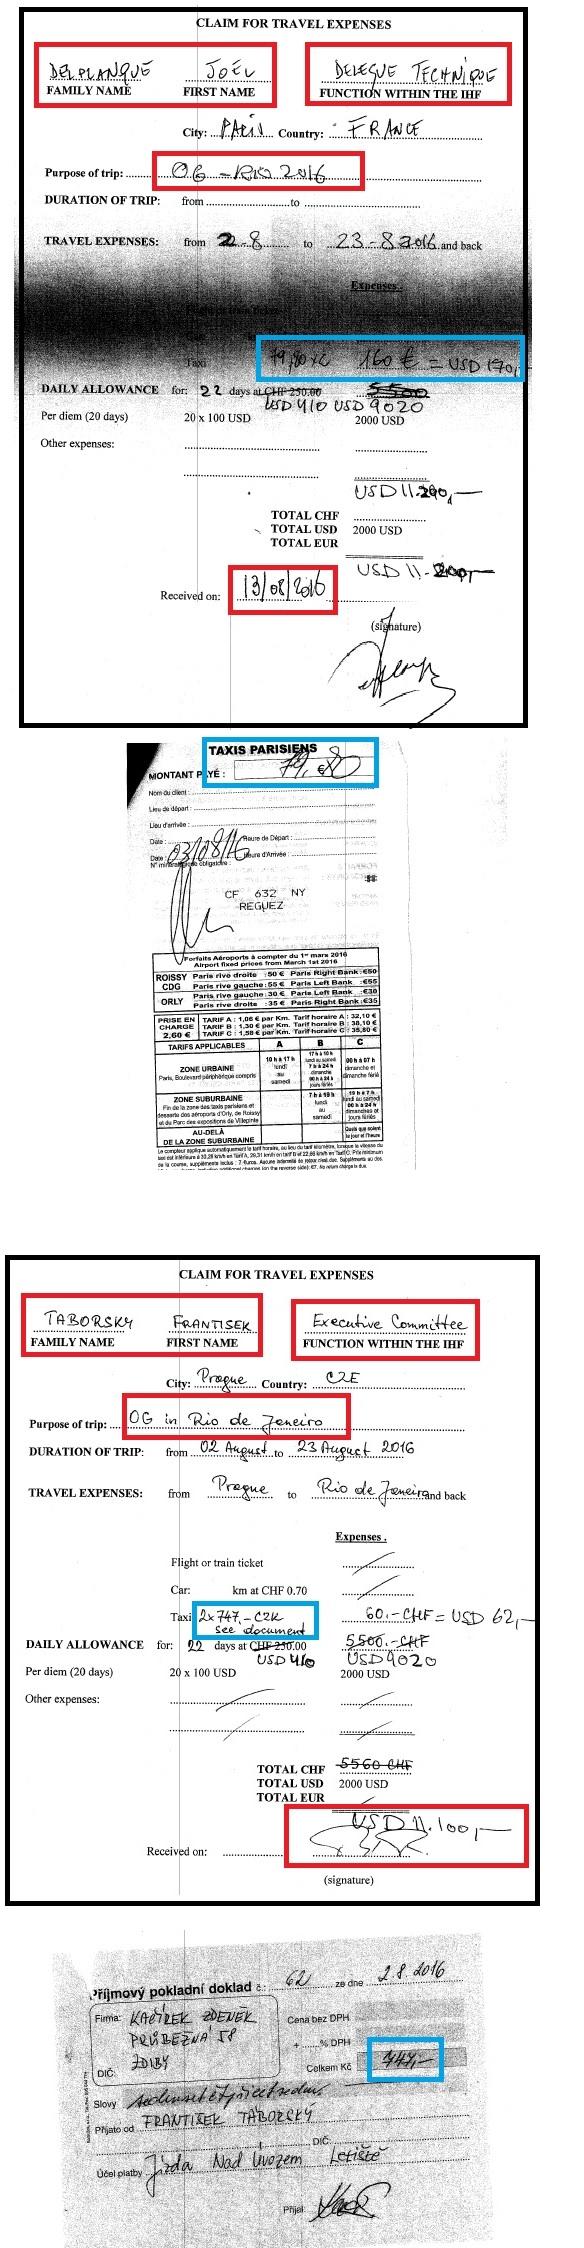 Cartolas da IHF cobraram da CBHb por táxis na República Tcheca e em Paris